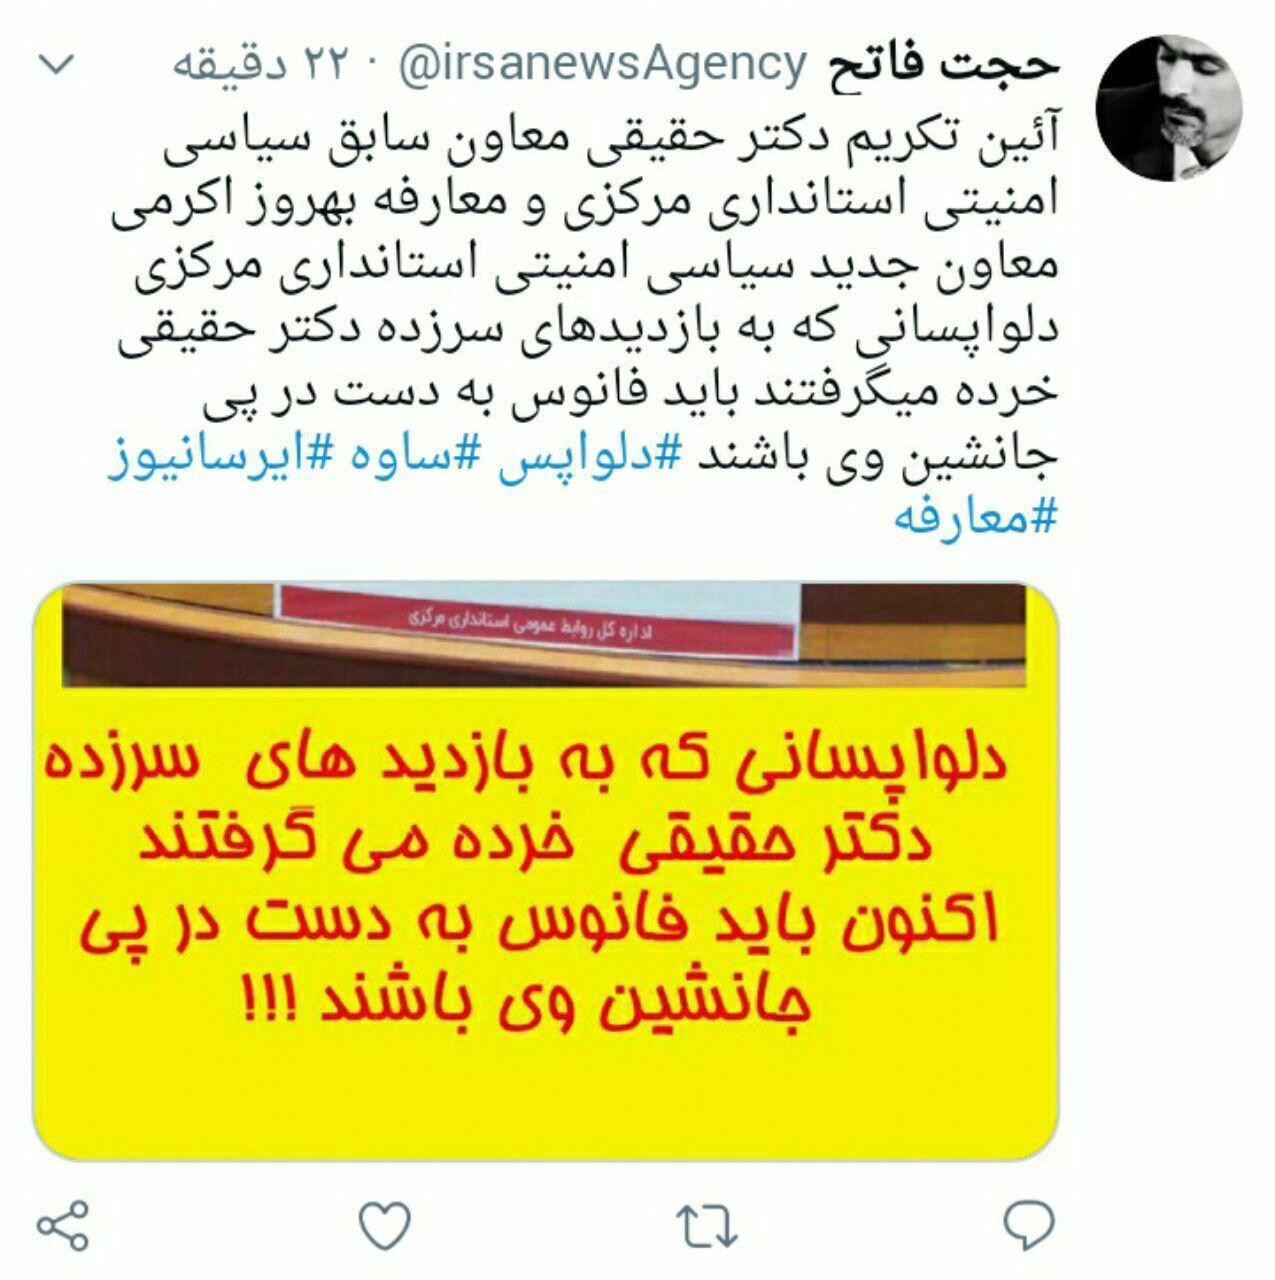 توئیت حجت فاتح مدیر مسئول پایگاه خبری ساوه خبر